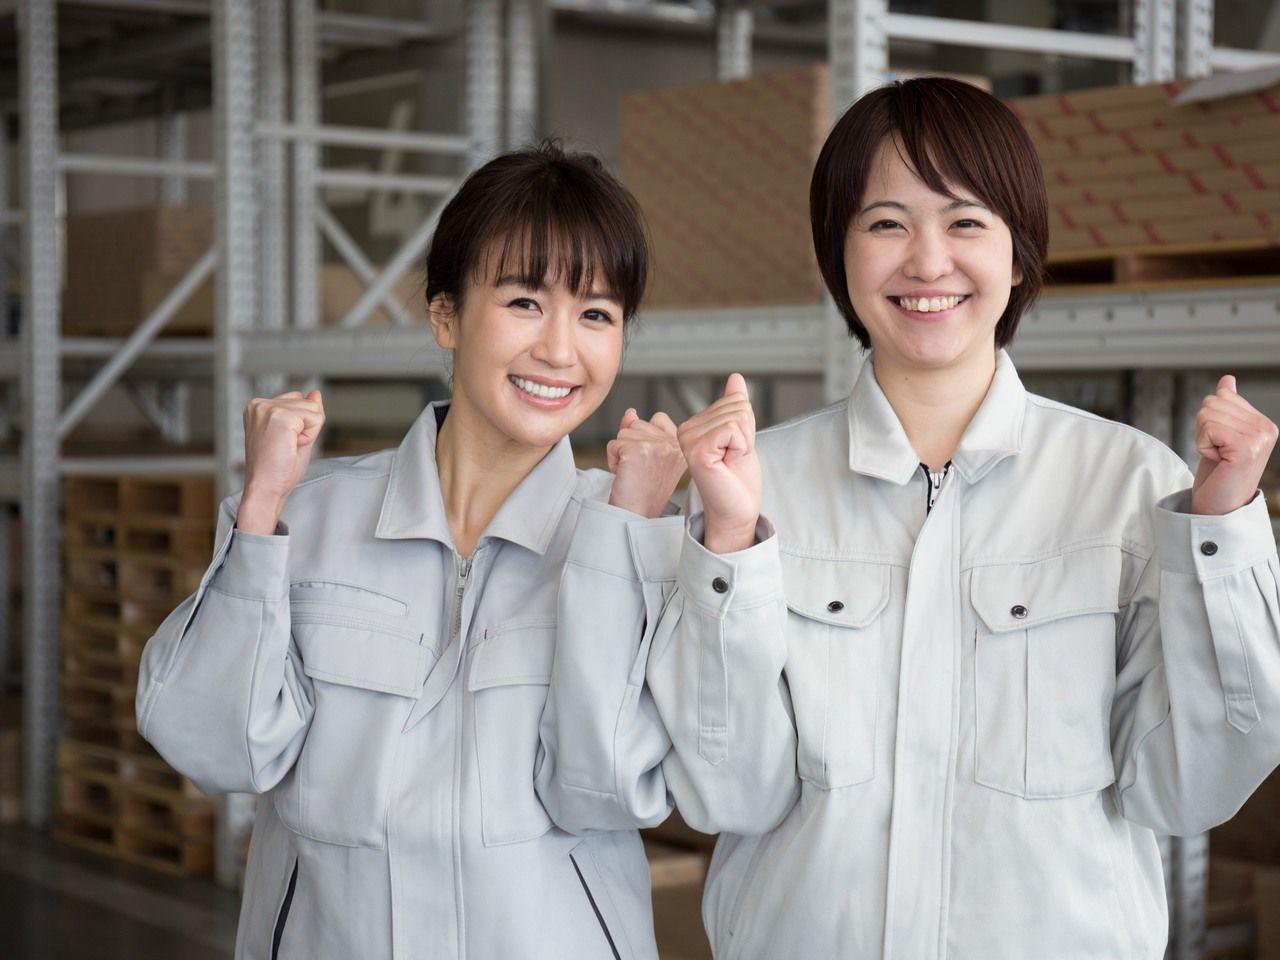 株式会社京栄センター 名古屋事業所